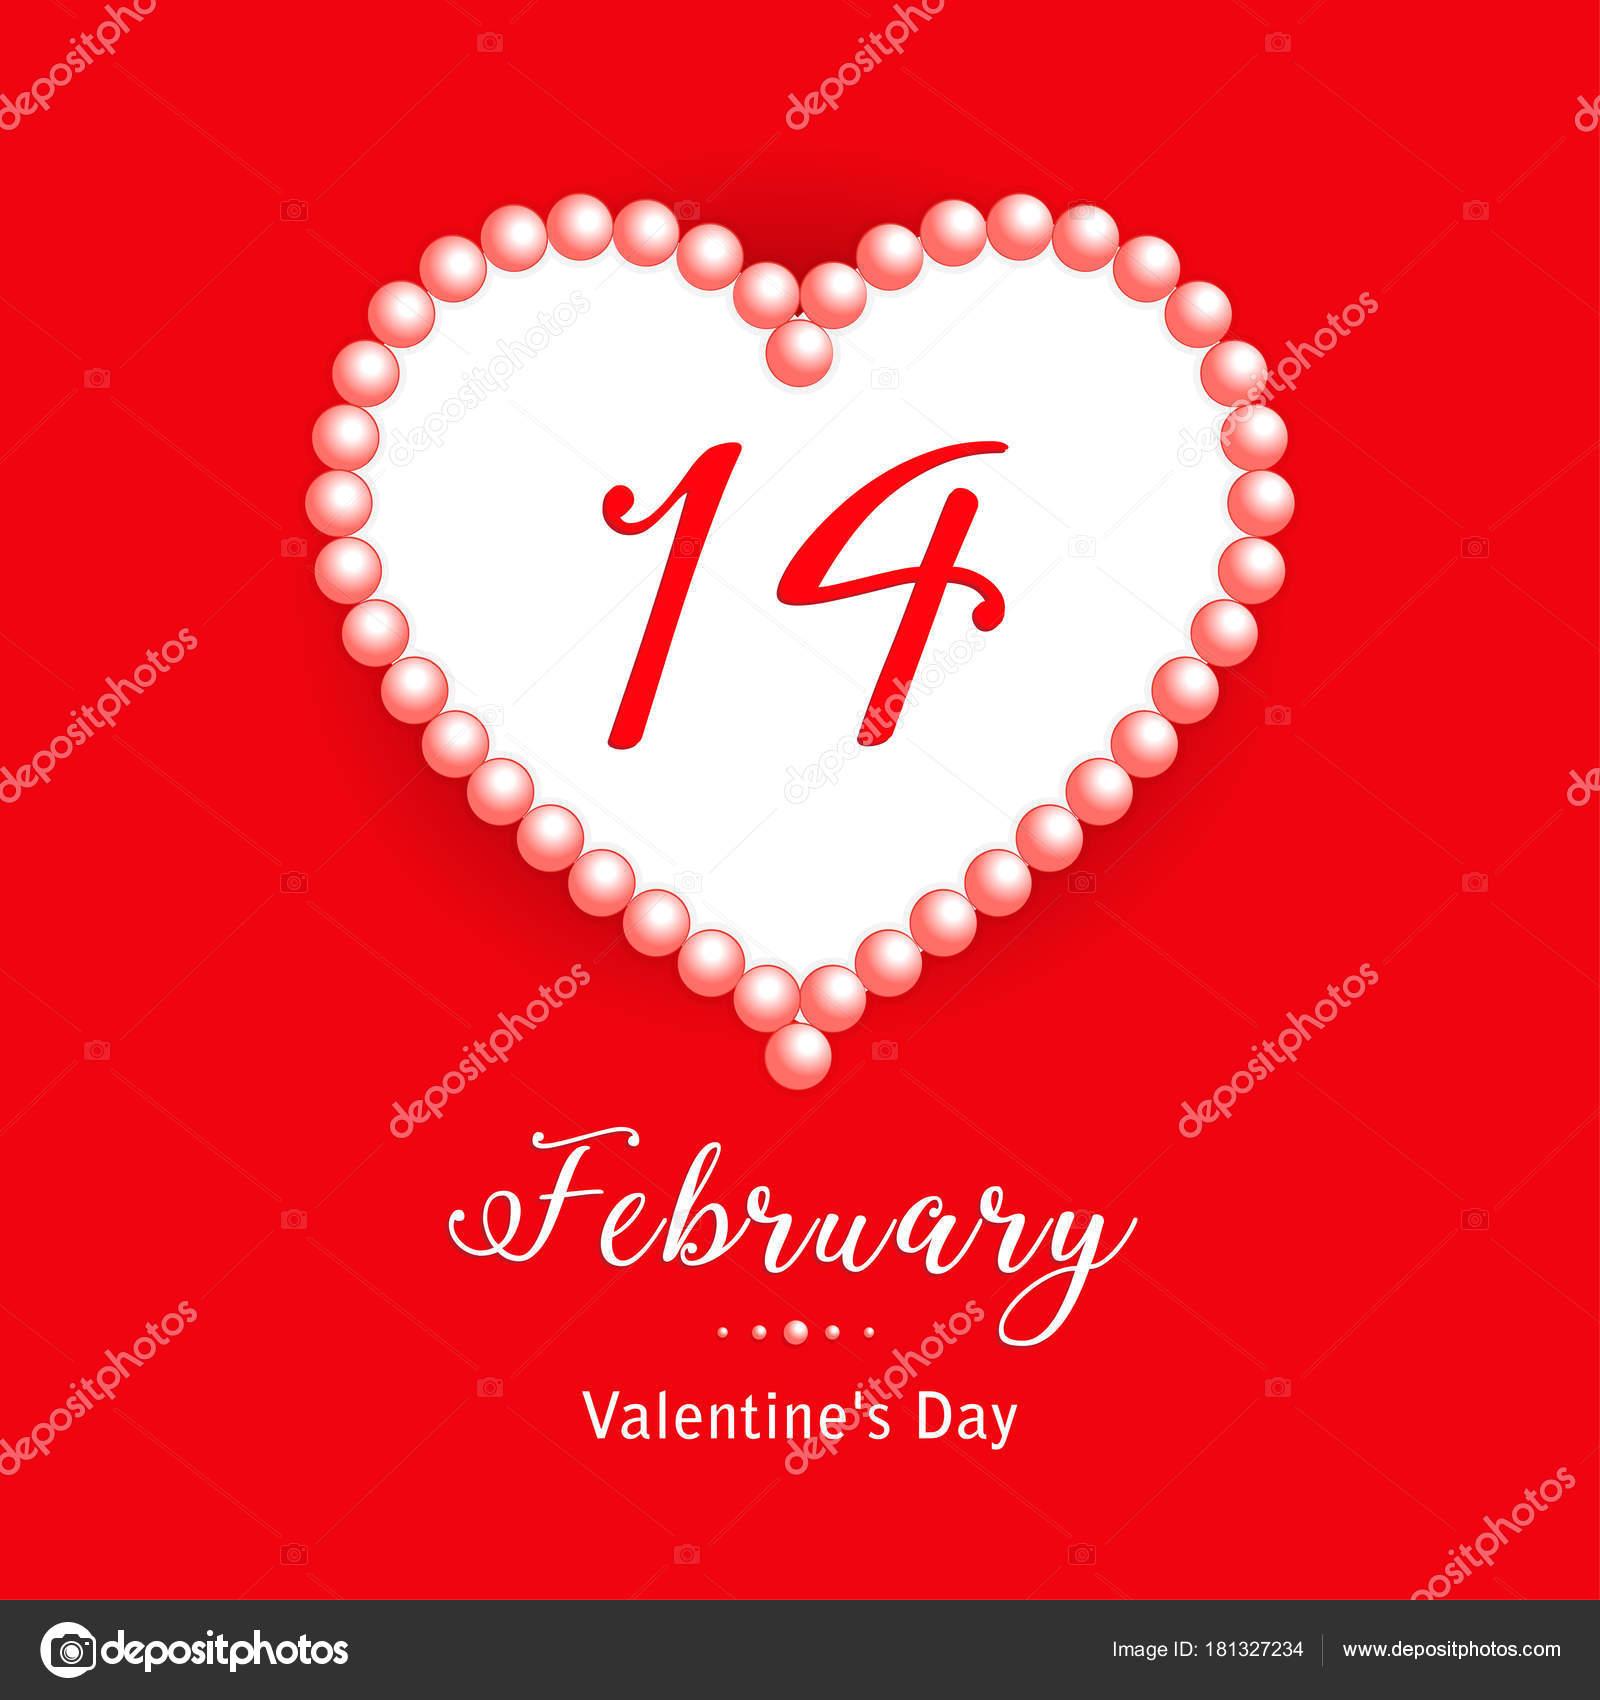 14 şubat sevgililer günü nereden çıktı